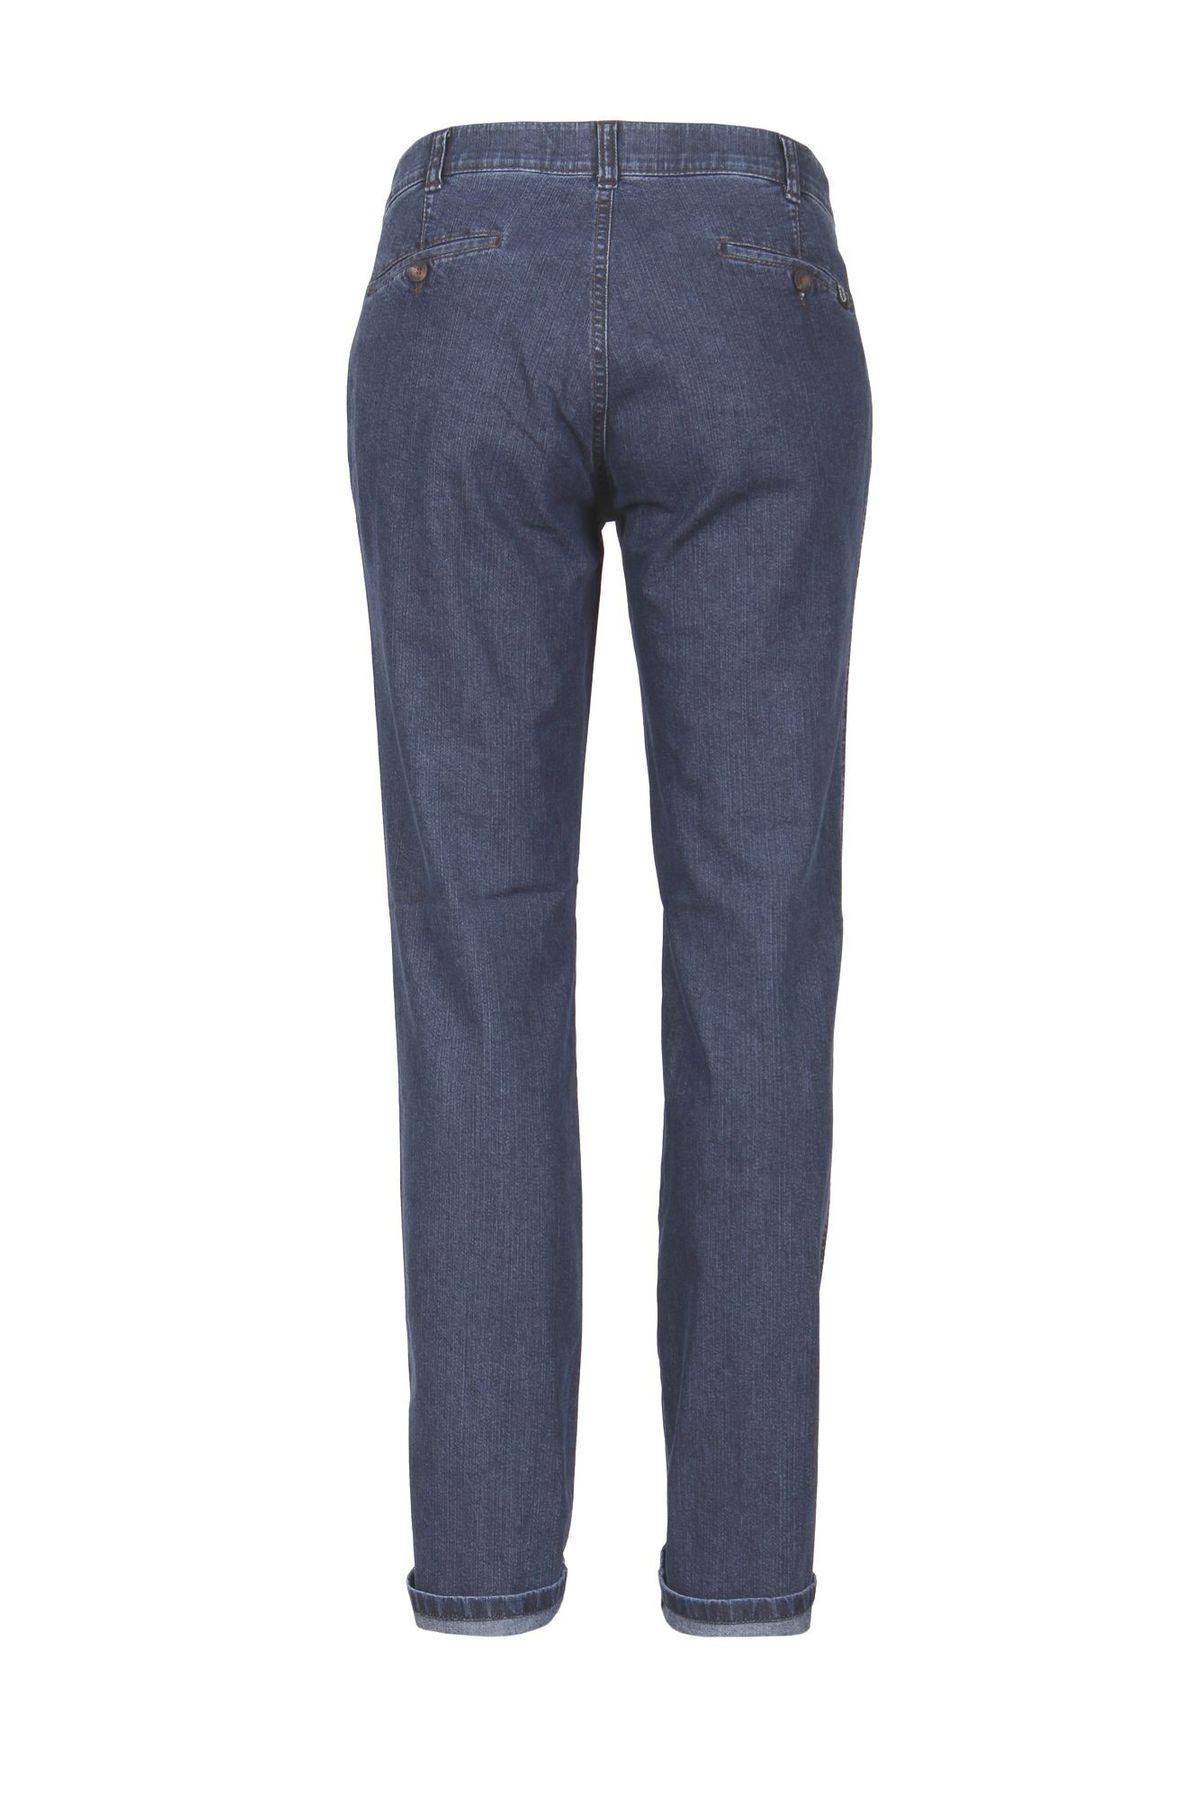 Club of Comfort - Herren Jeans Hose in verschiedenen Farbvarianten, Dallas (4631) – Bild 7